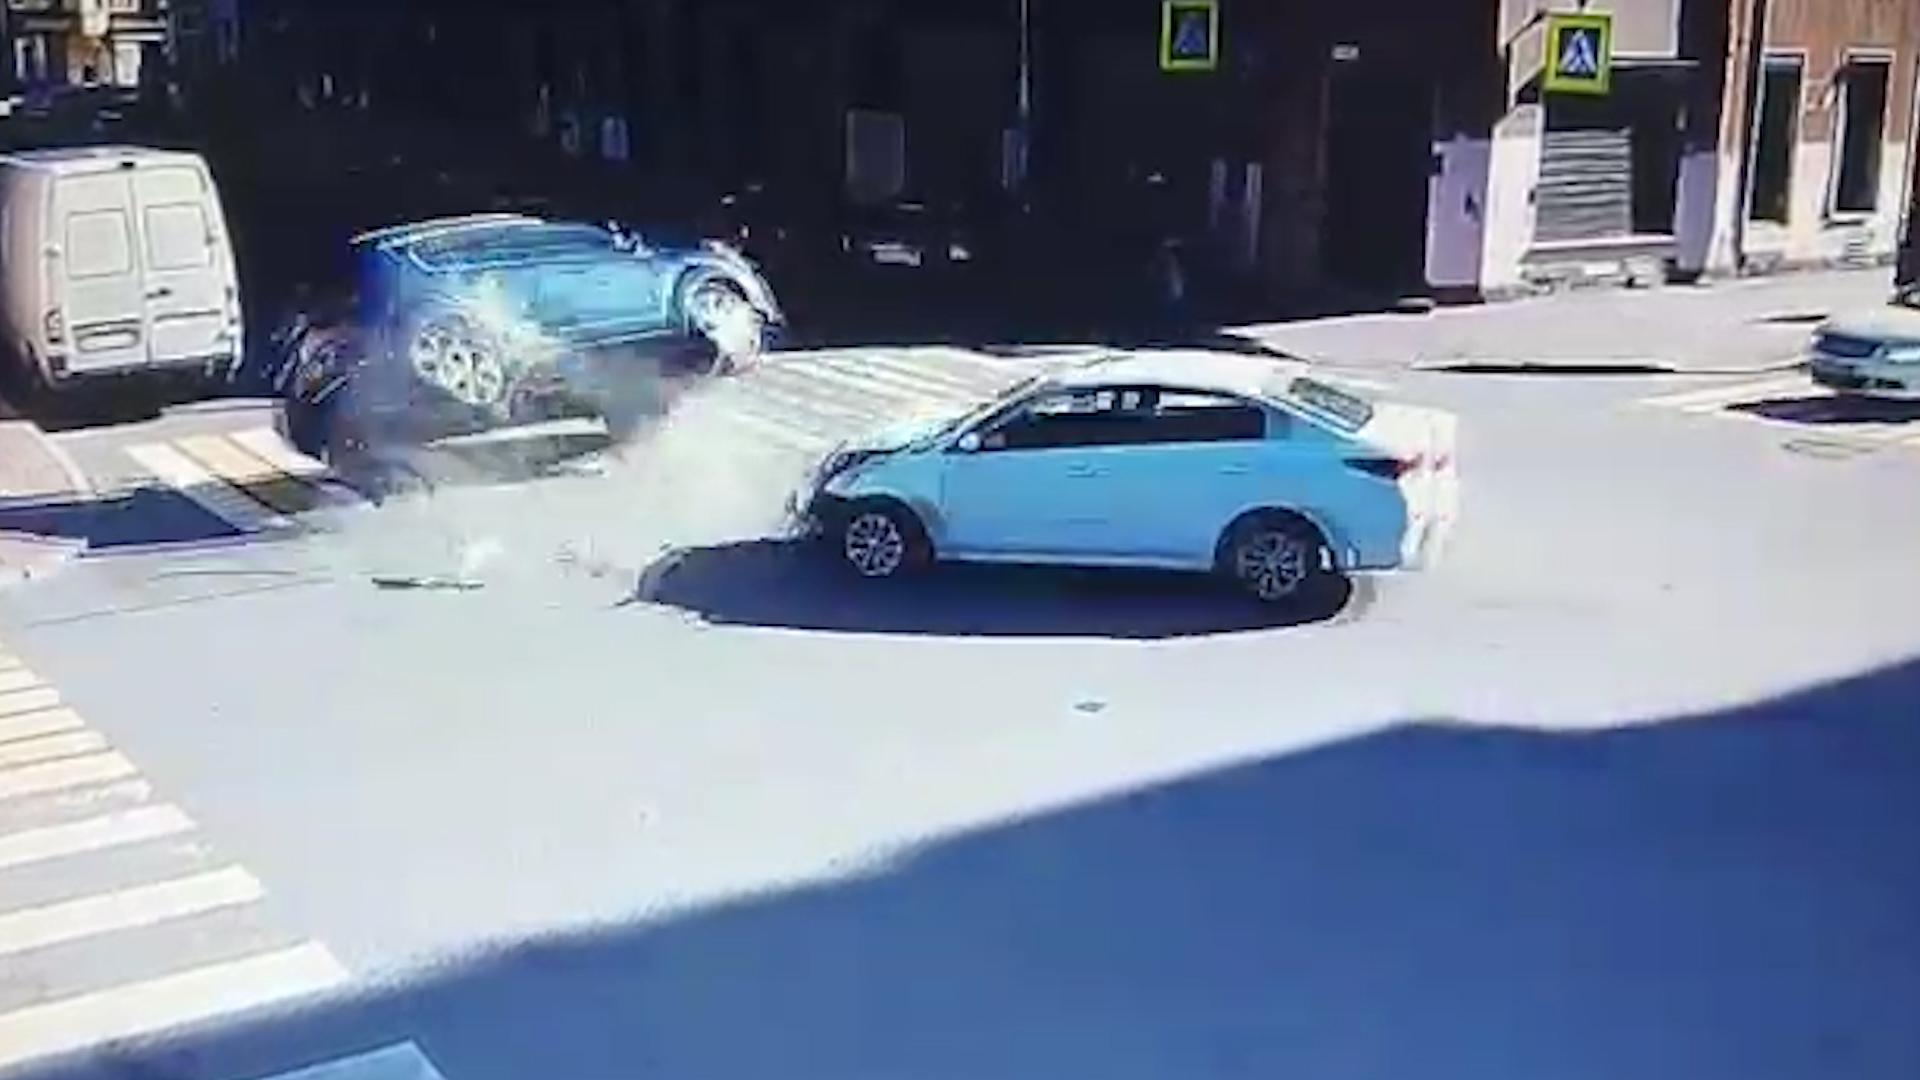 Преступление и наказание: В Петербурге водитель иномарки устроил ДТП и получил подзатыльник от прохожего с собачкой